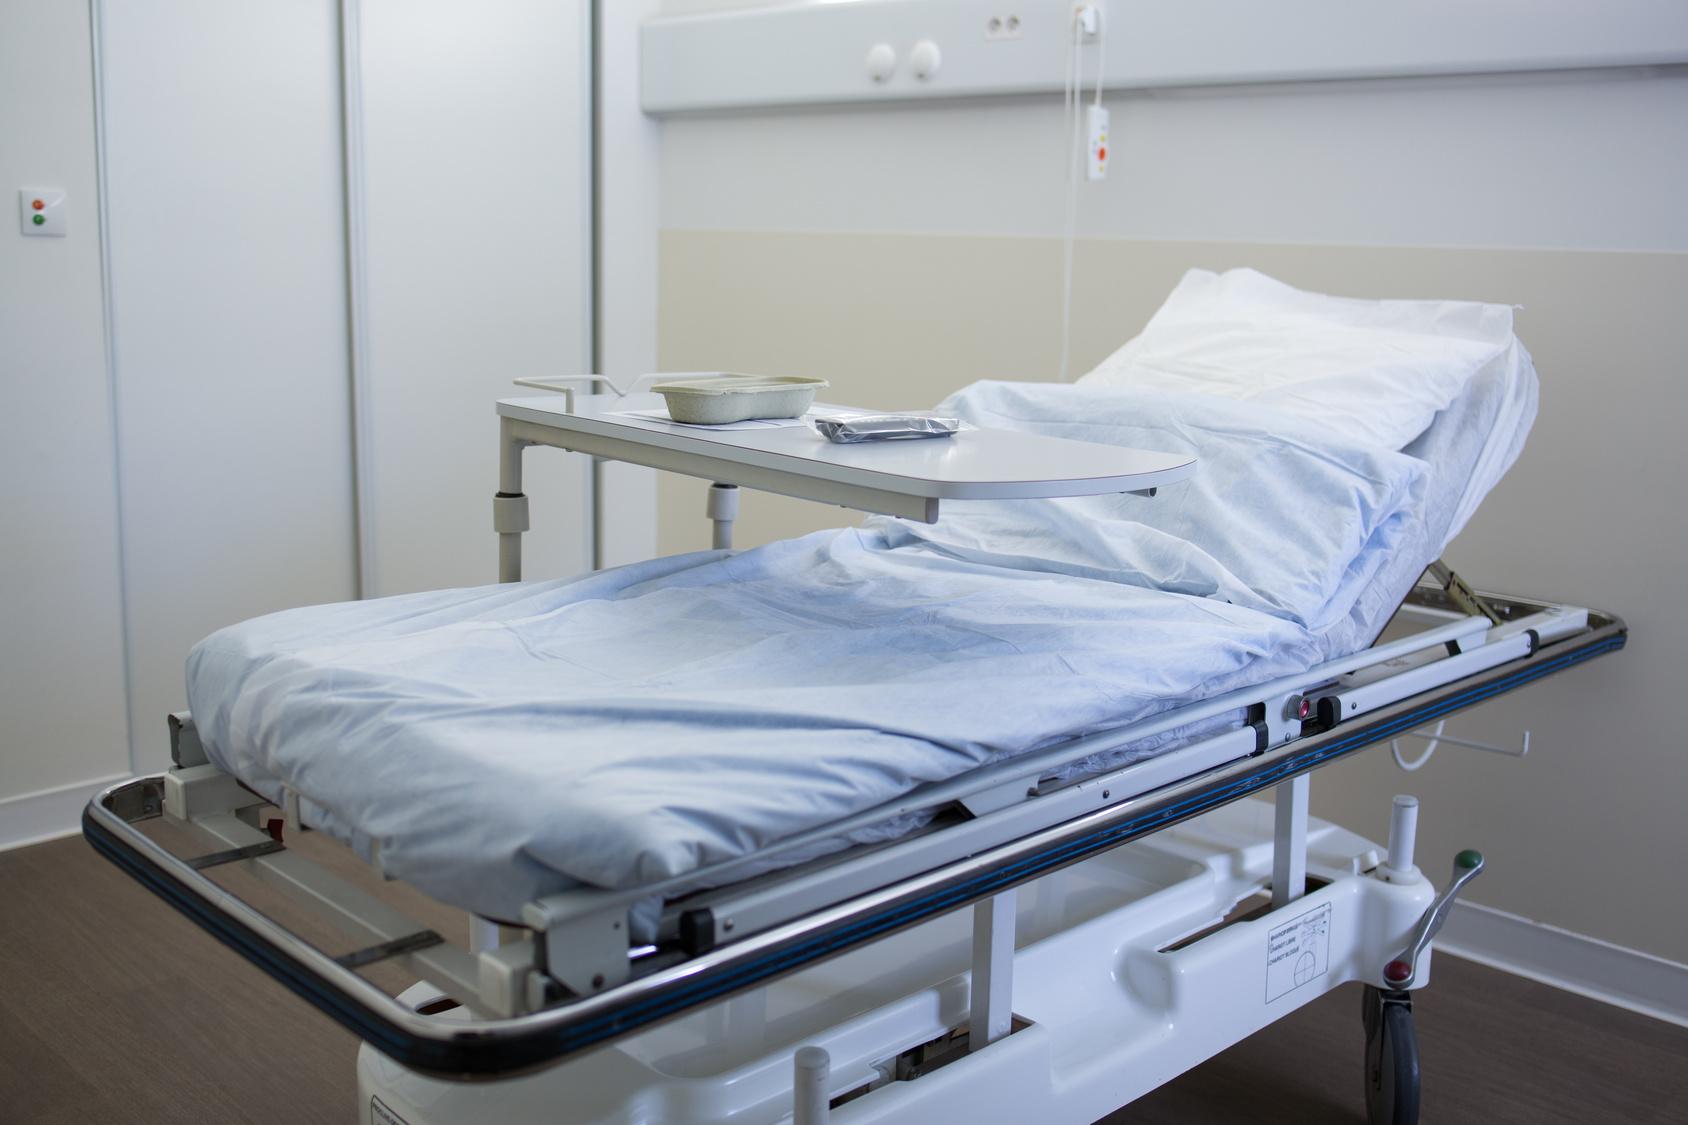 Chambre individuelle à l\'hôpital : prise en charge - LeLynx.fr